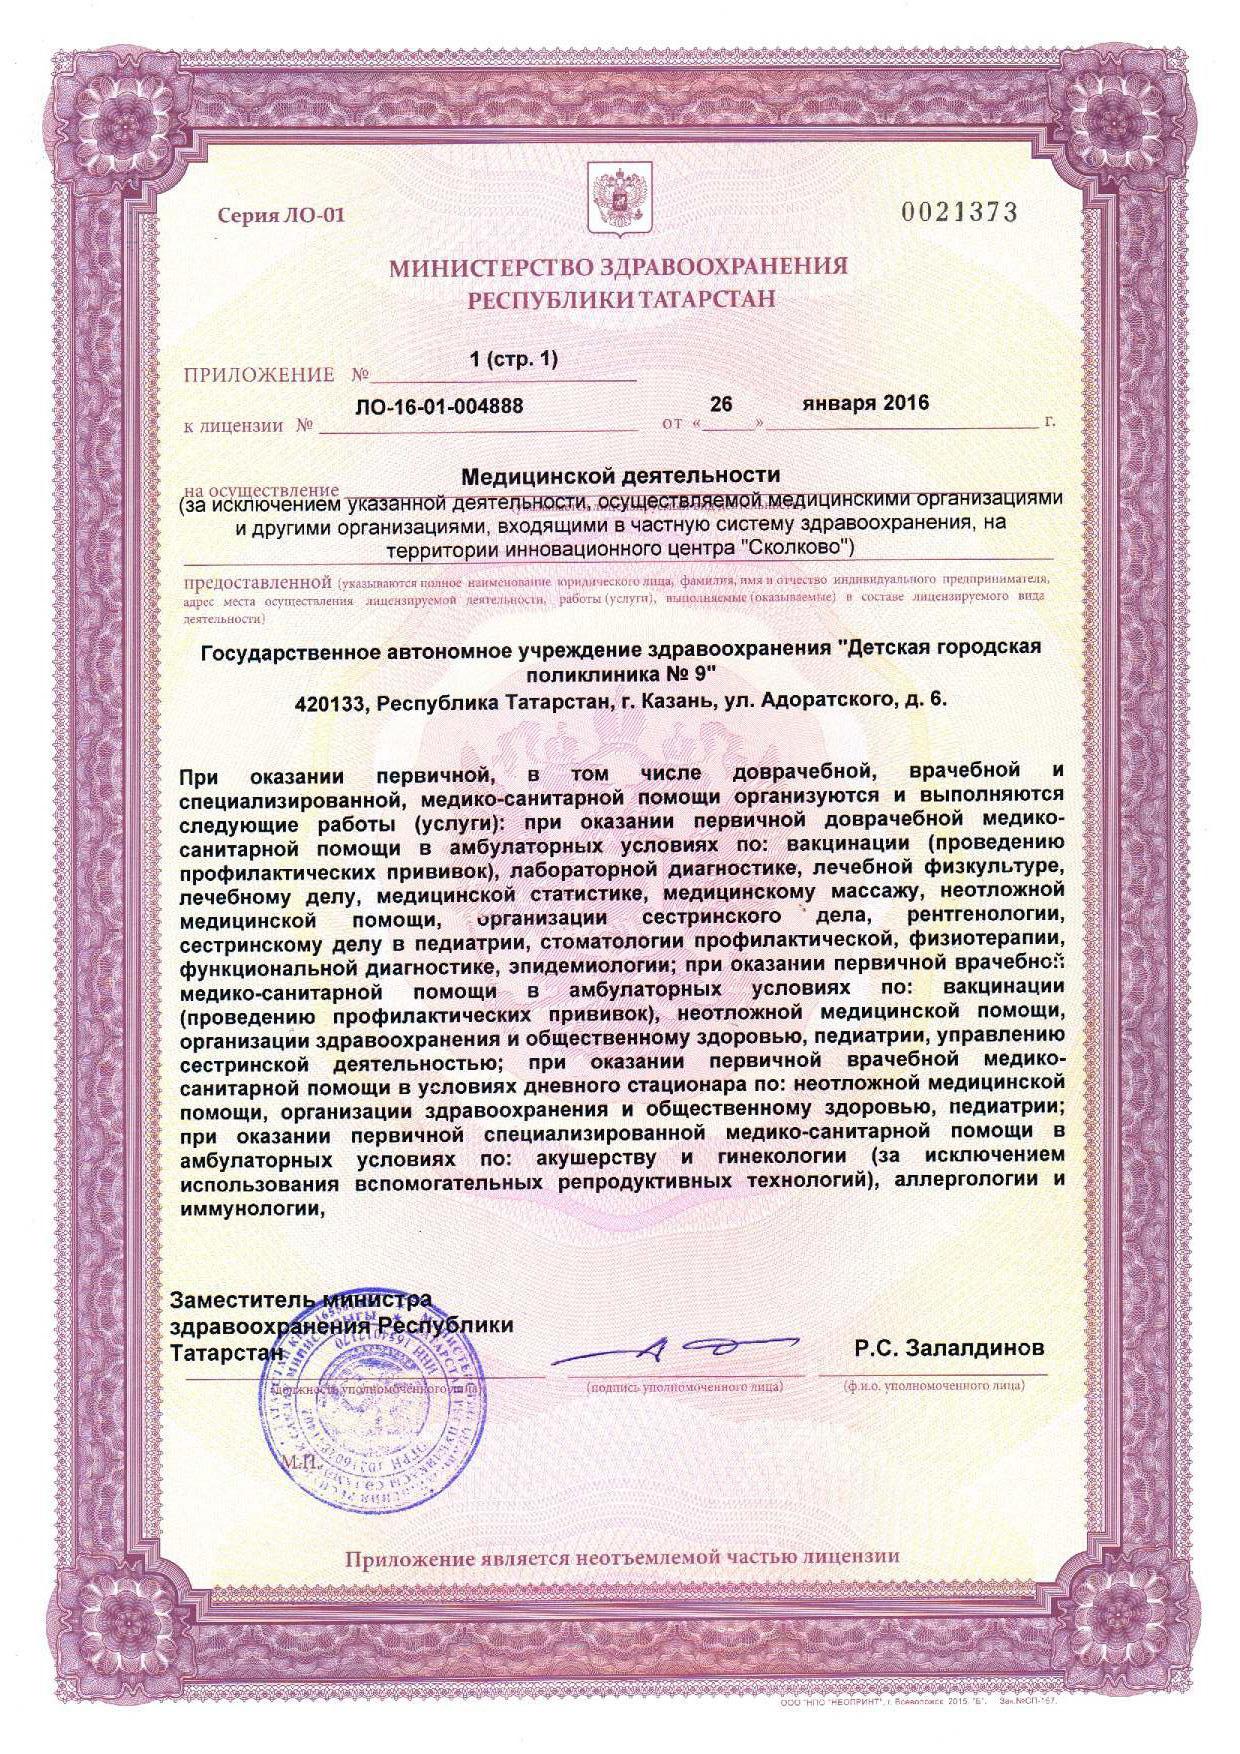 Поликлиника на барнаульской регистратура